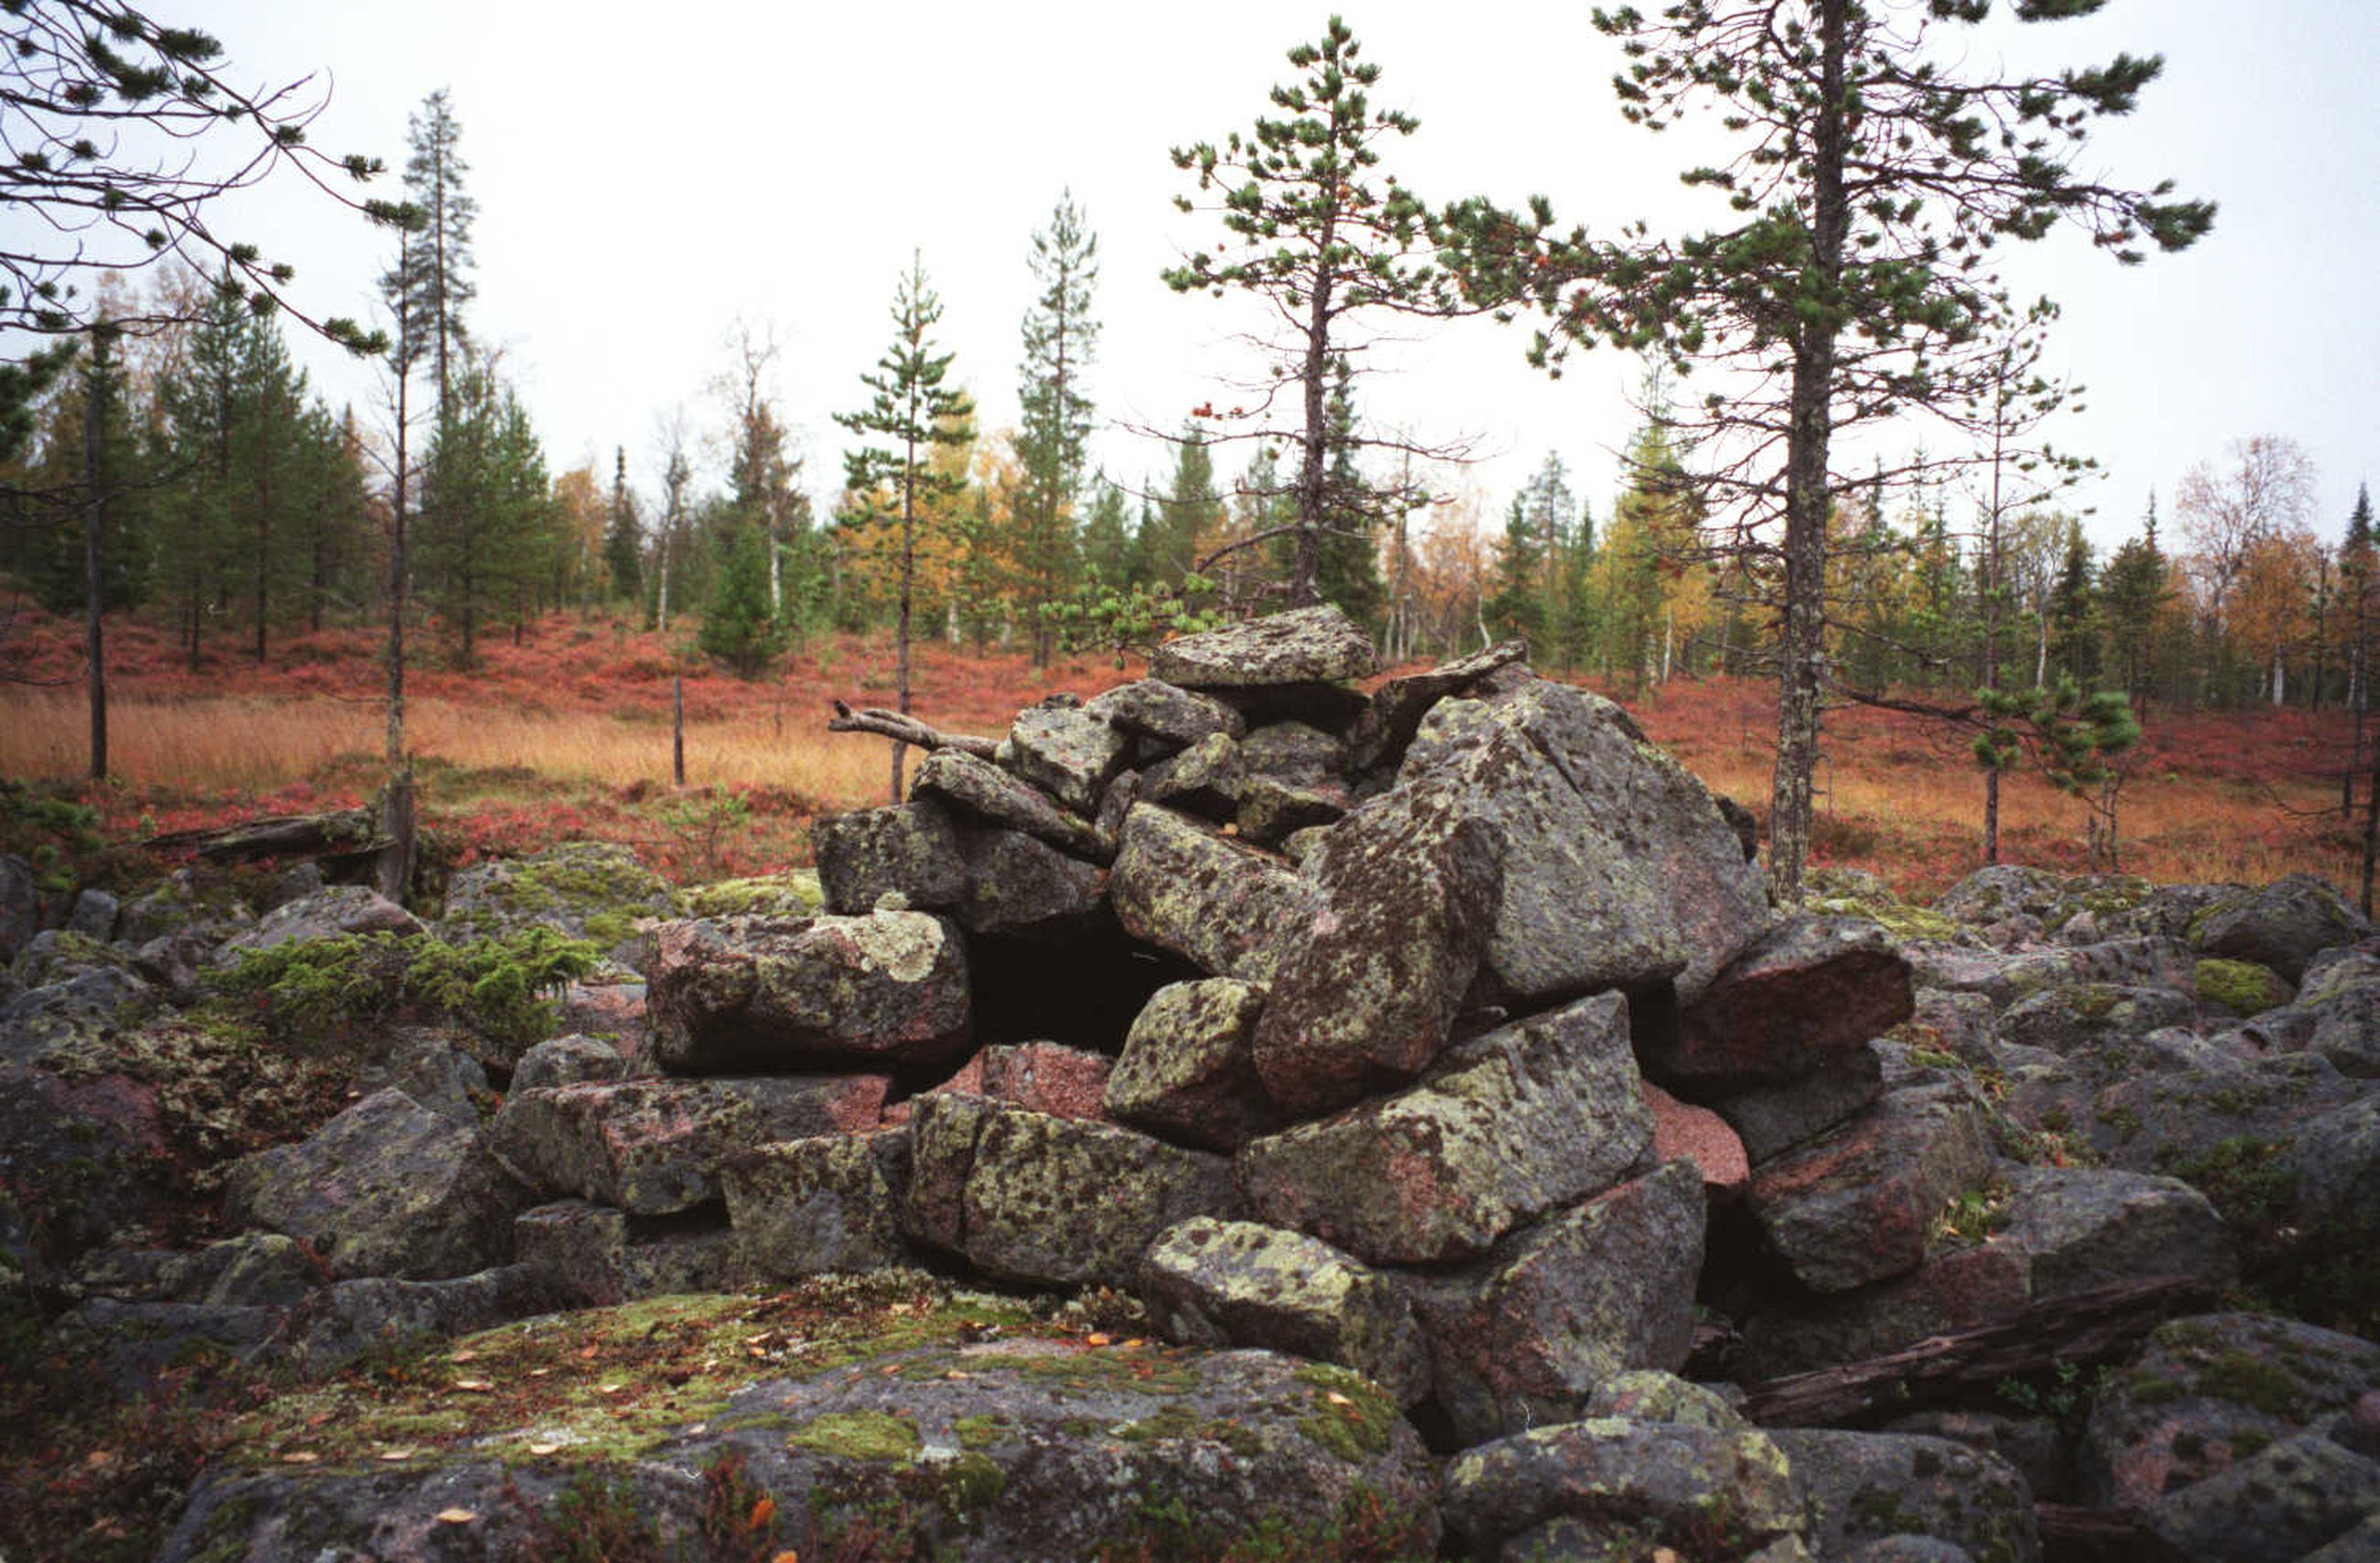 Tämä kivikasa on itse asiassa vanha leivinuuni muinaisen kalakentän reunassa Pyhäojan varressa Naarmankairassa